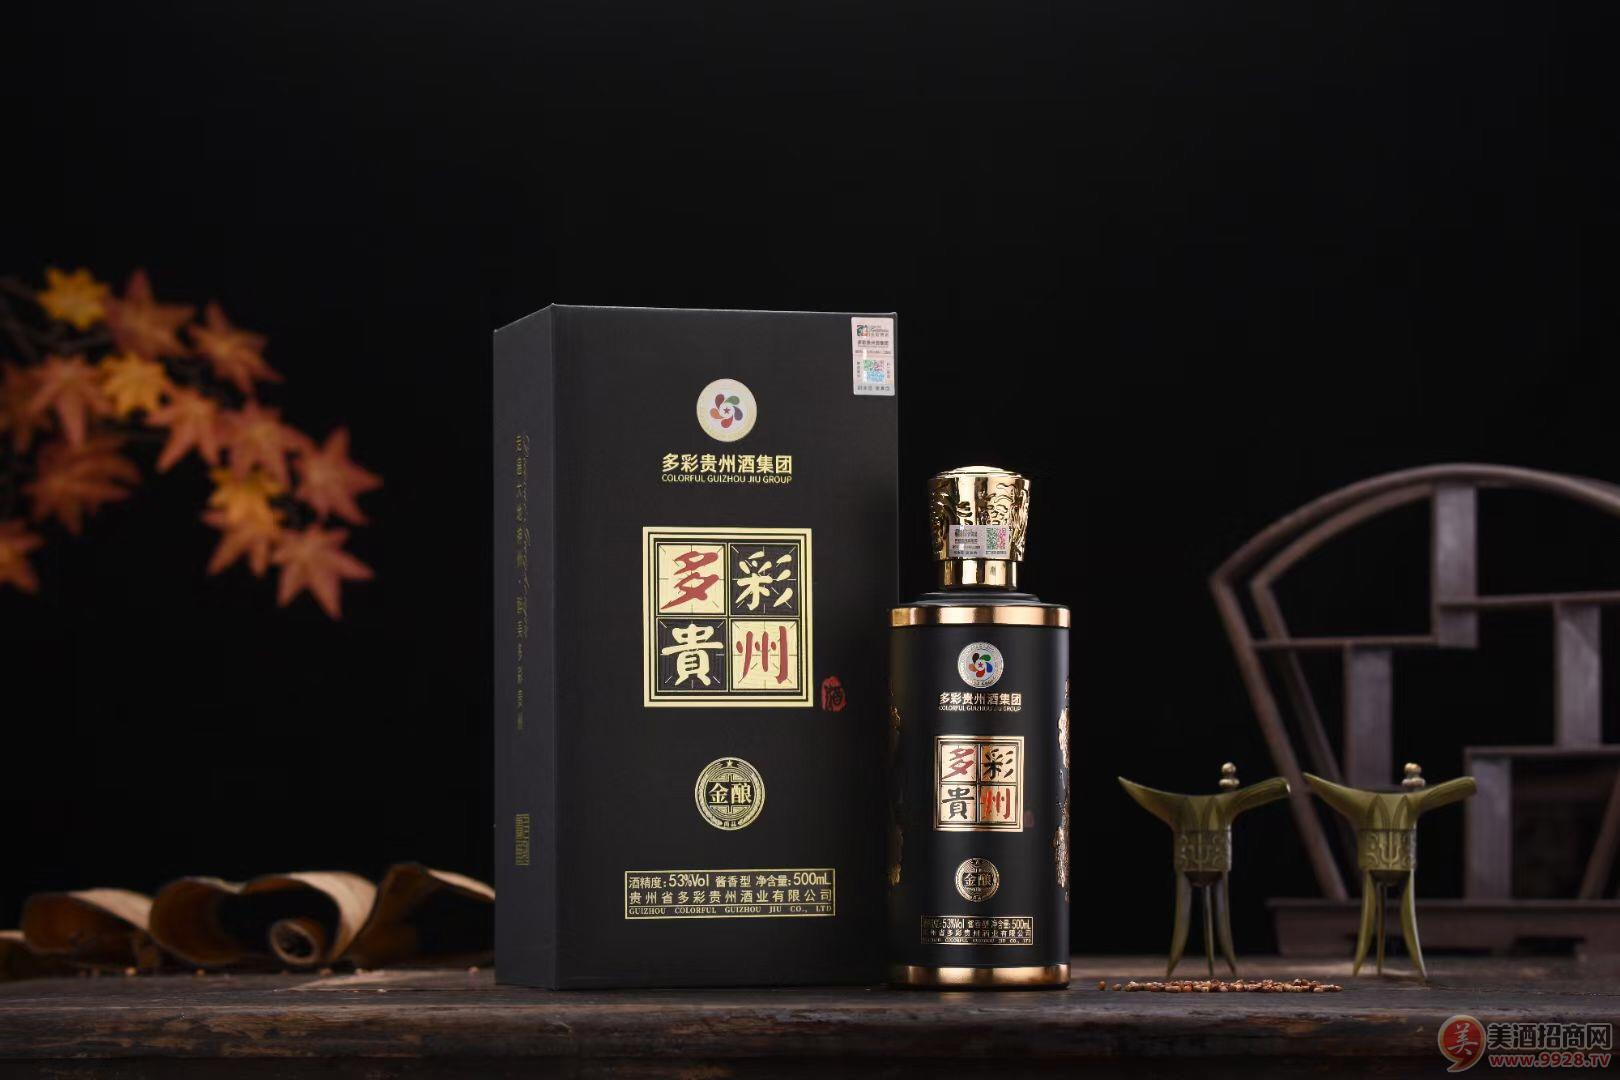 贵州多彩贵州酒业有限公司全国招